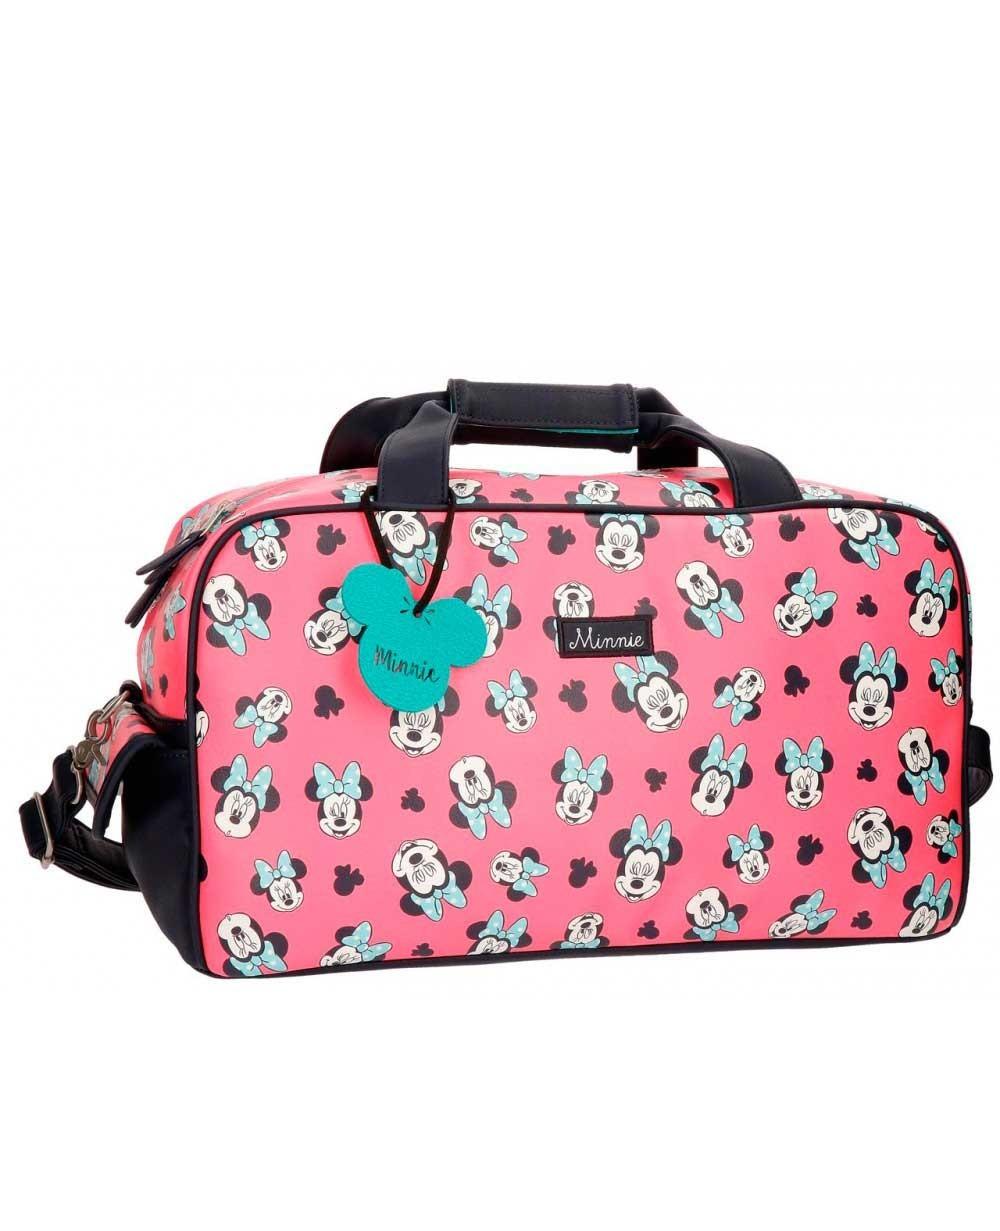 Minnie Wink Bolsa de Viaje Rosa (Foto )